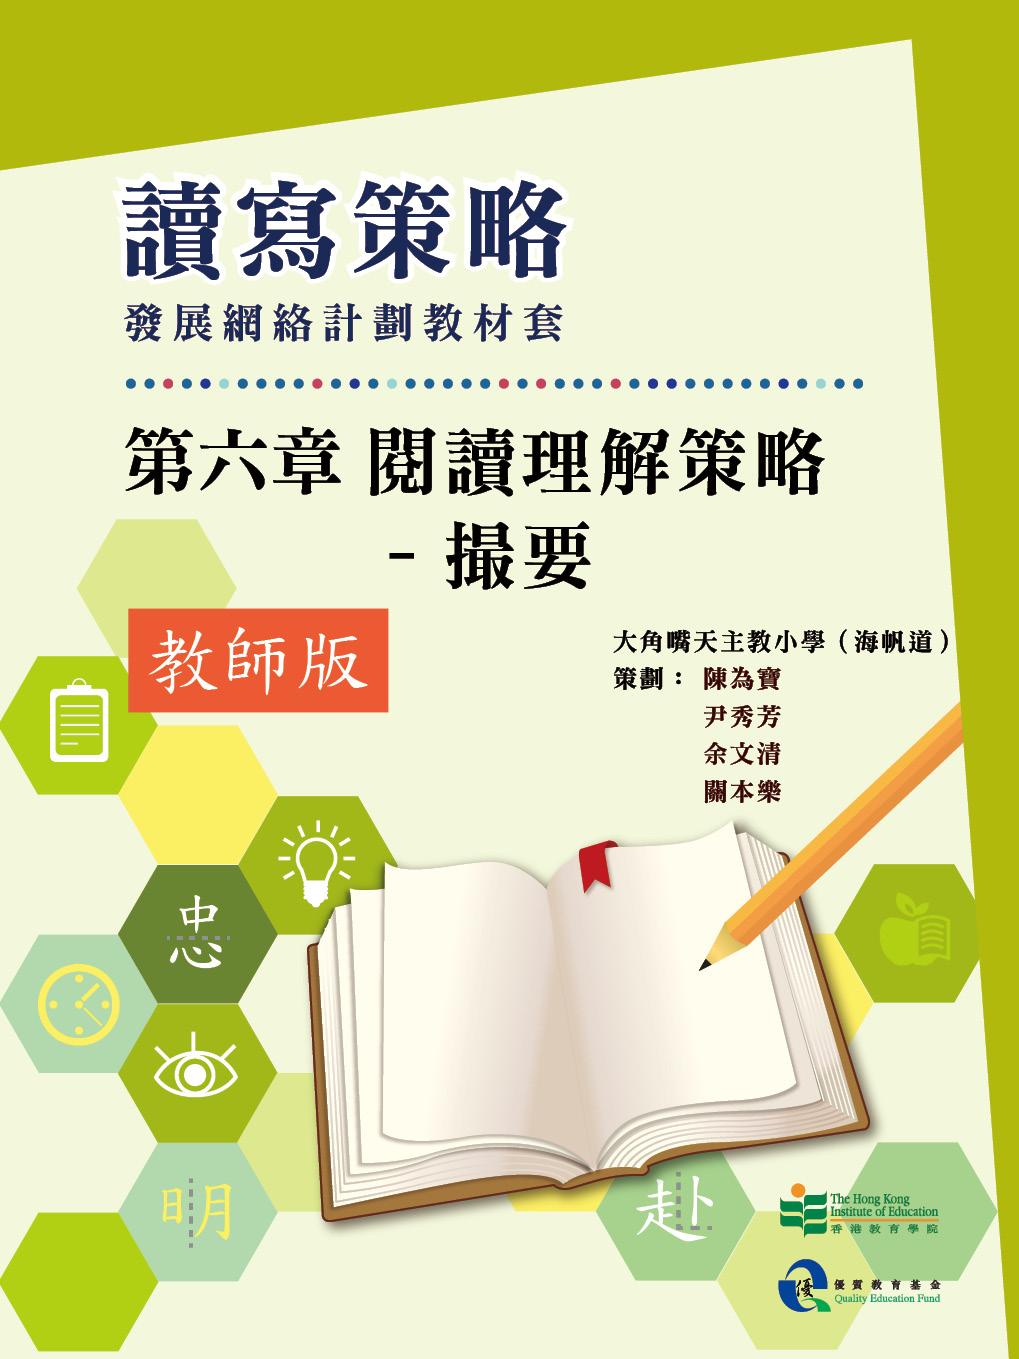 讀寫策略發展網絡計劃教材套 第六章 閱讀理解策略─撮要(教師版)